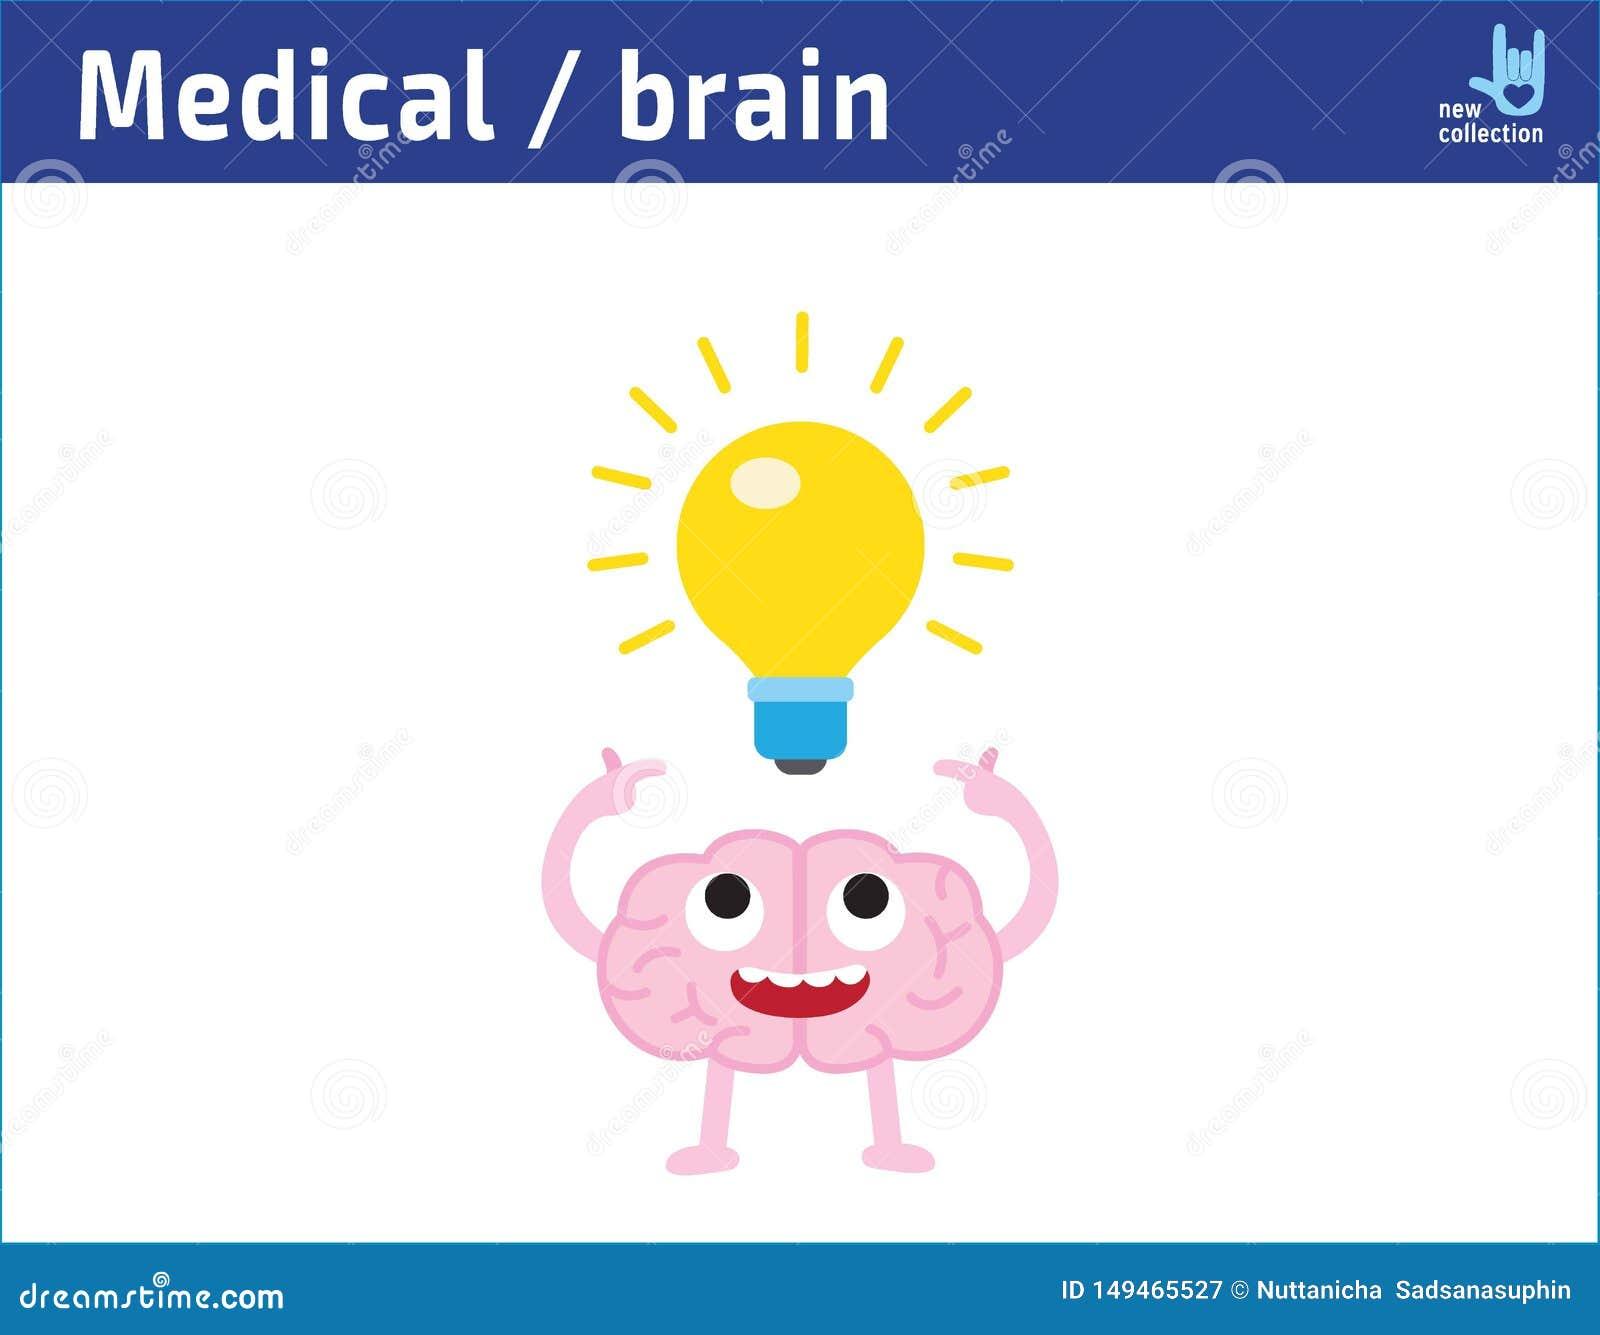 Χαριτωμένος εγκέφαλος προσώπου κινούμενων σχεδίων ευτυχής με την κατοχή μιας ιδέας lightbulb, δημιουργικό σχέδιο ιδέας έμπνευση